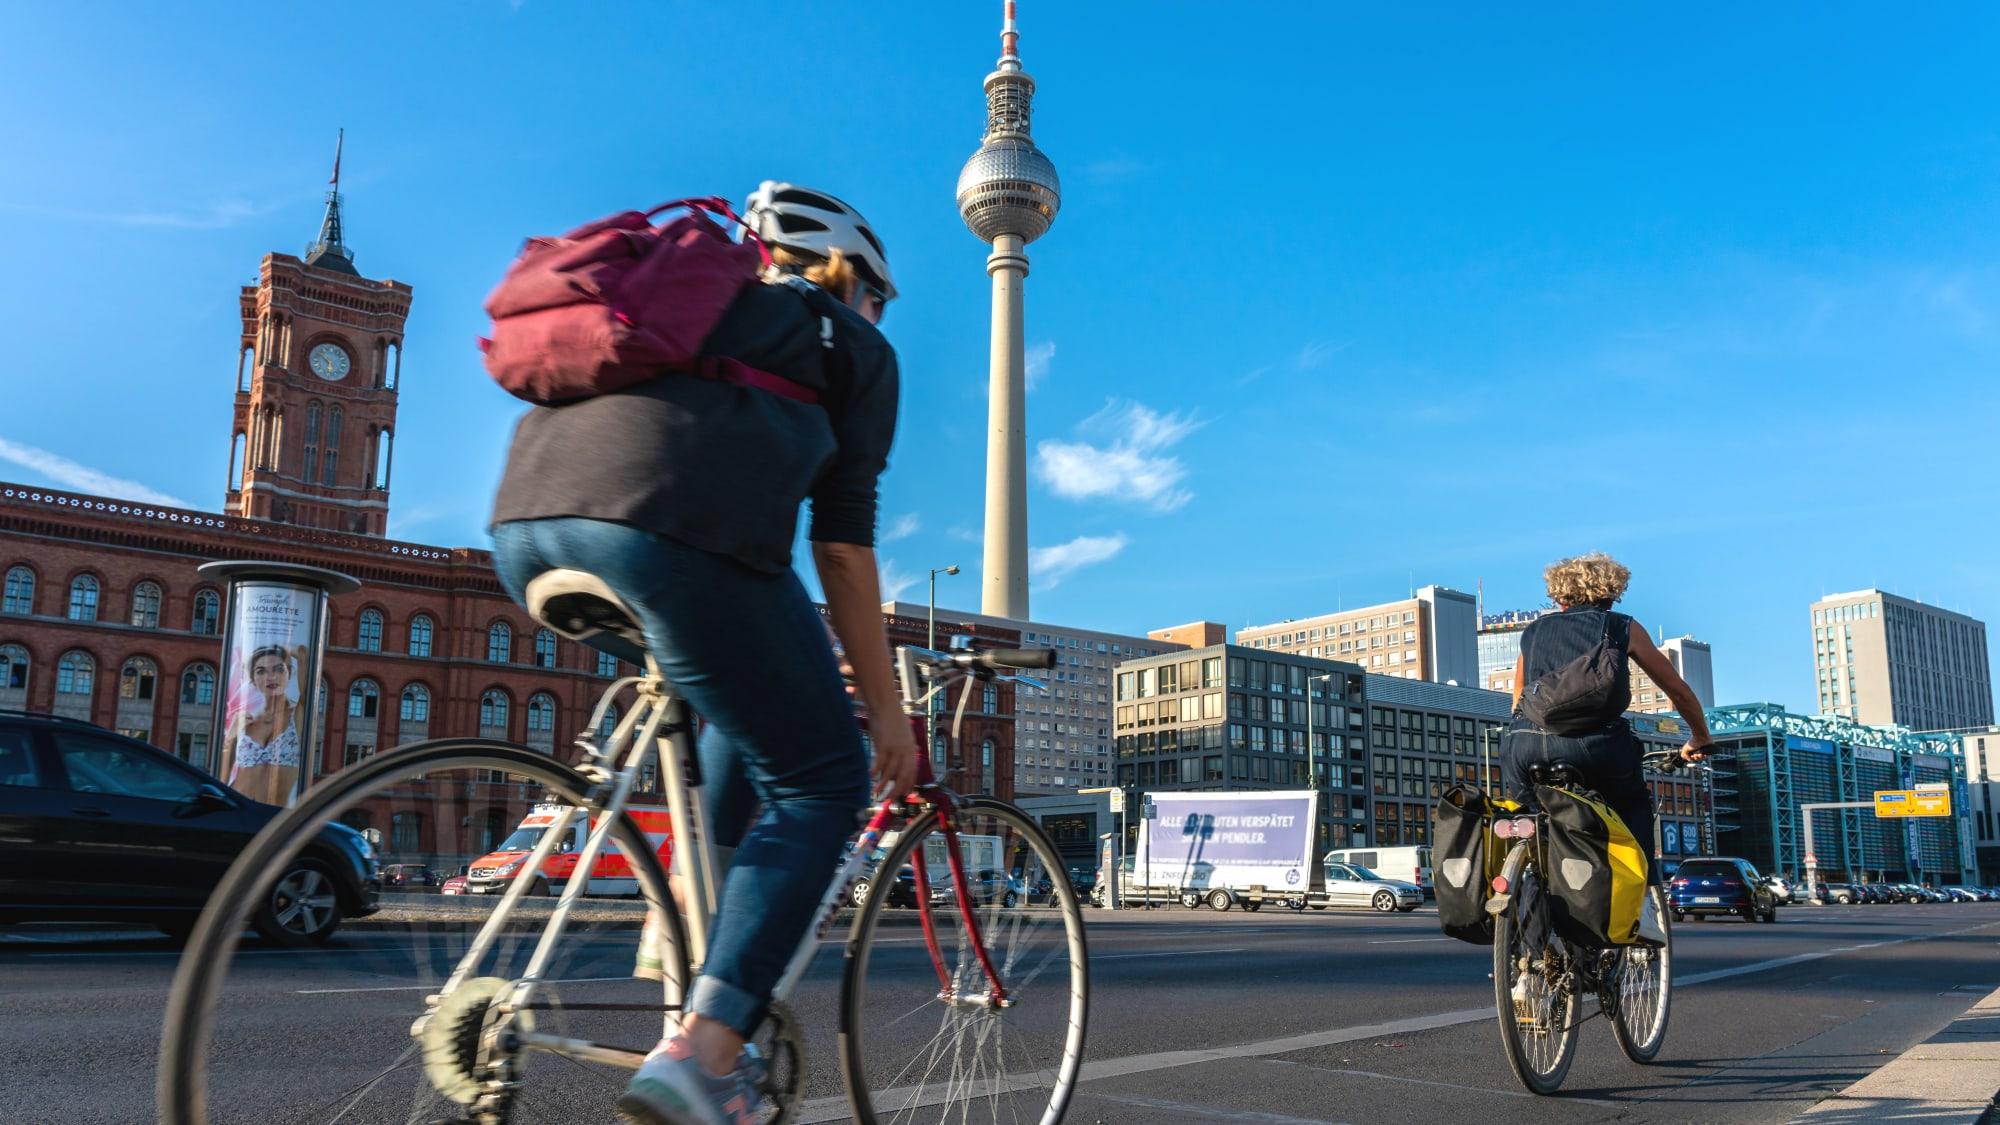 Wie sie in Coronazeiten mit Abstand sicher Fahrradfahren